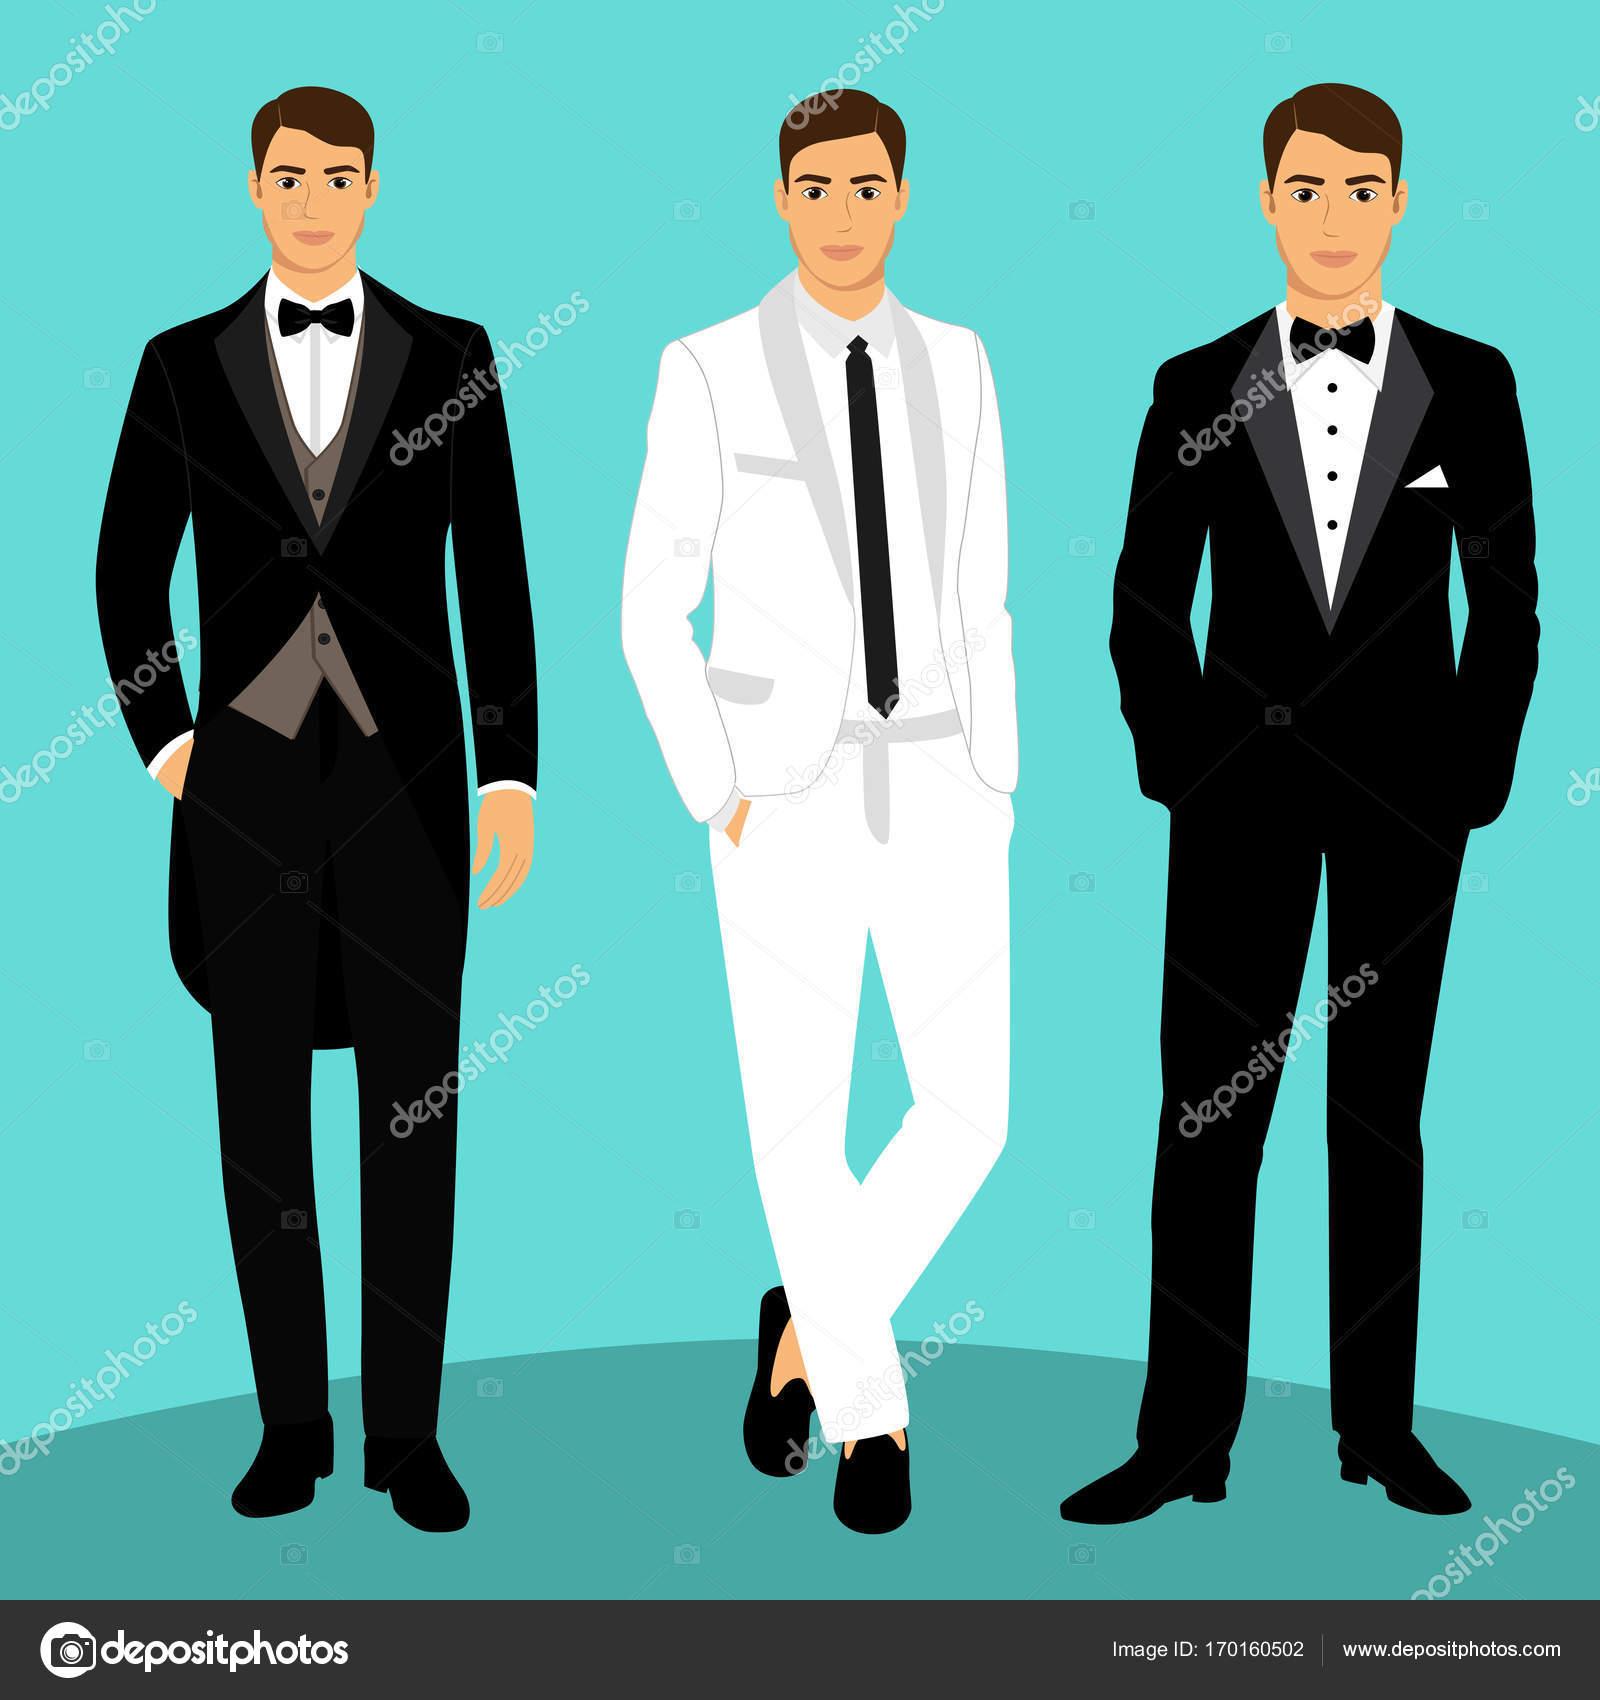 Hombres traje de novia y smoking — Archivo Imágenes Vectoriales ... e725afec68f